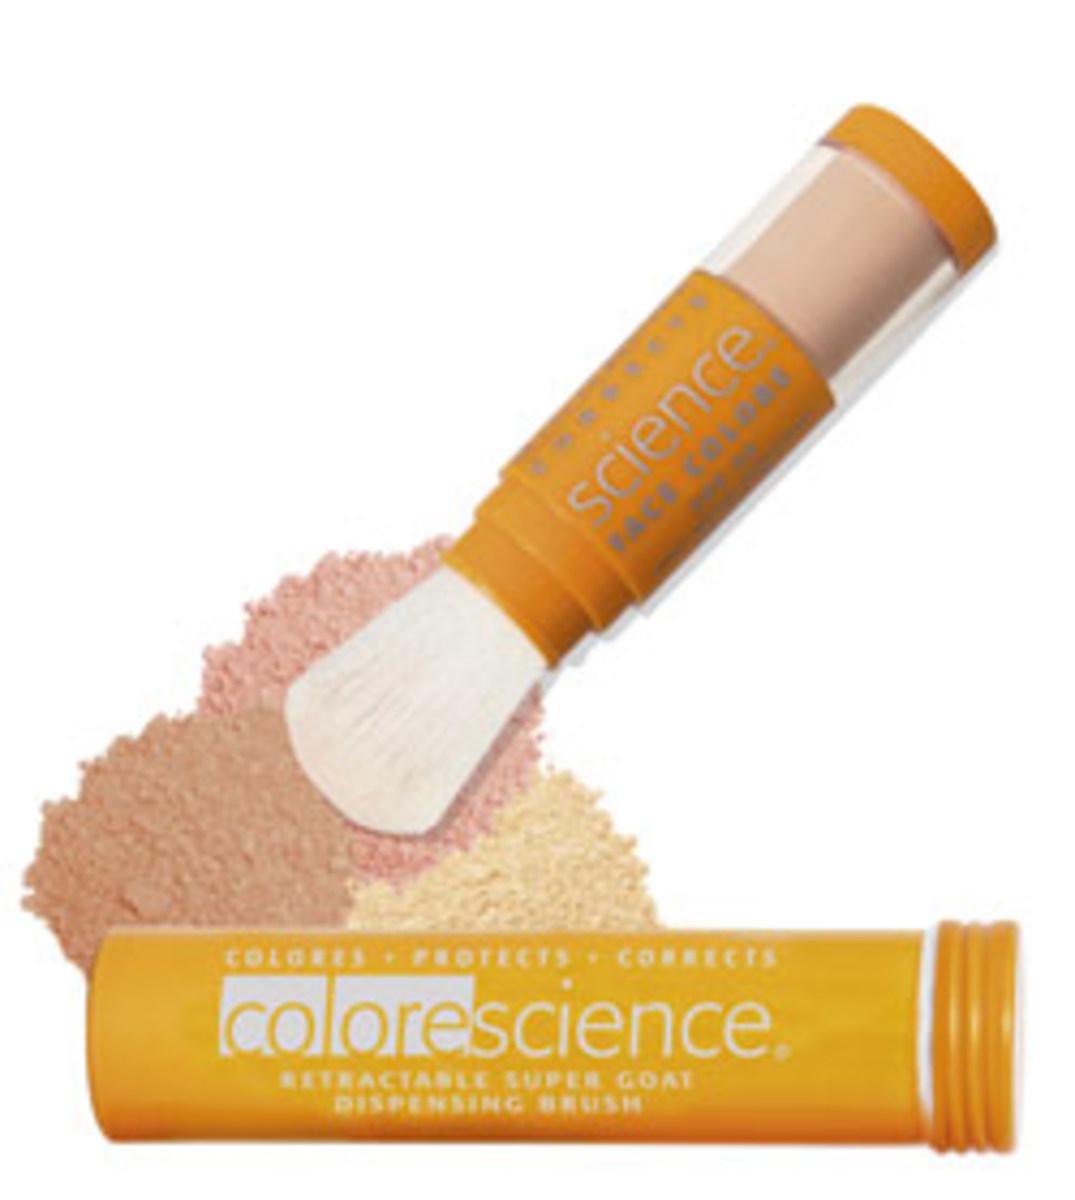 colorescience-suncanny